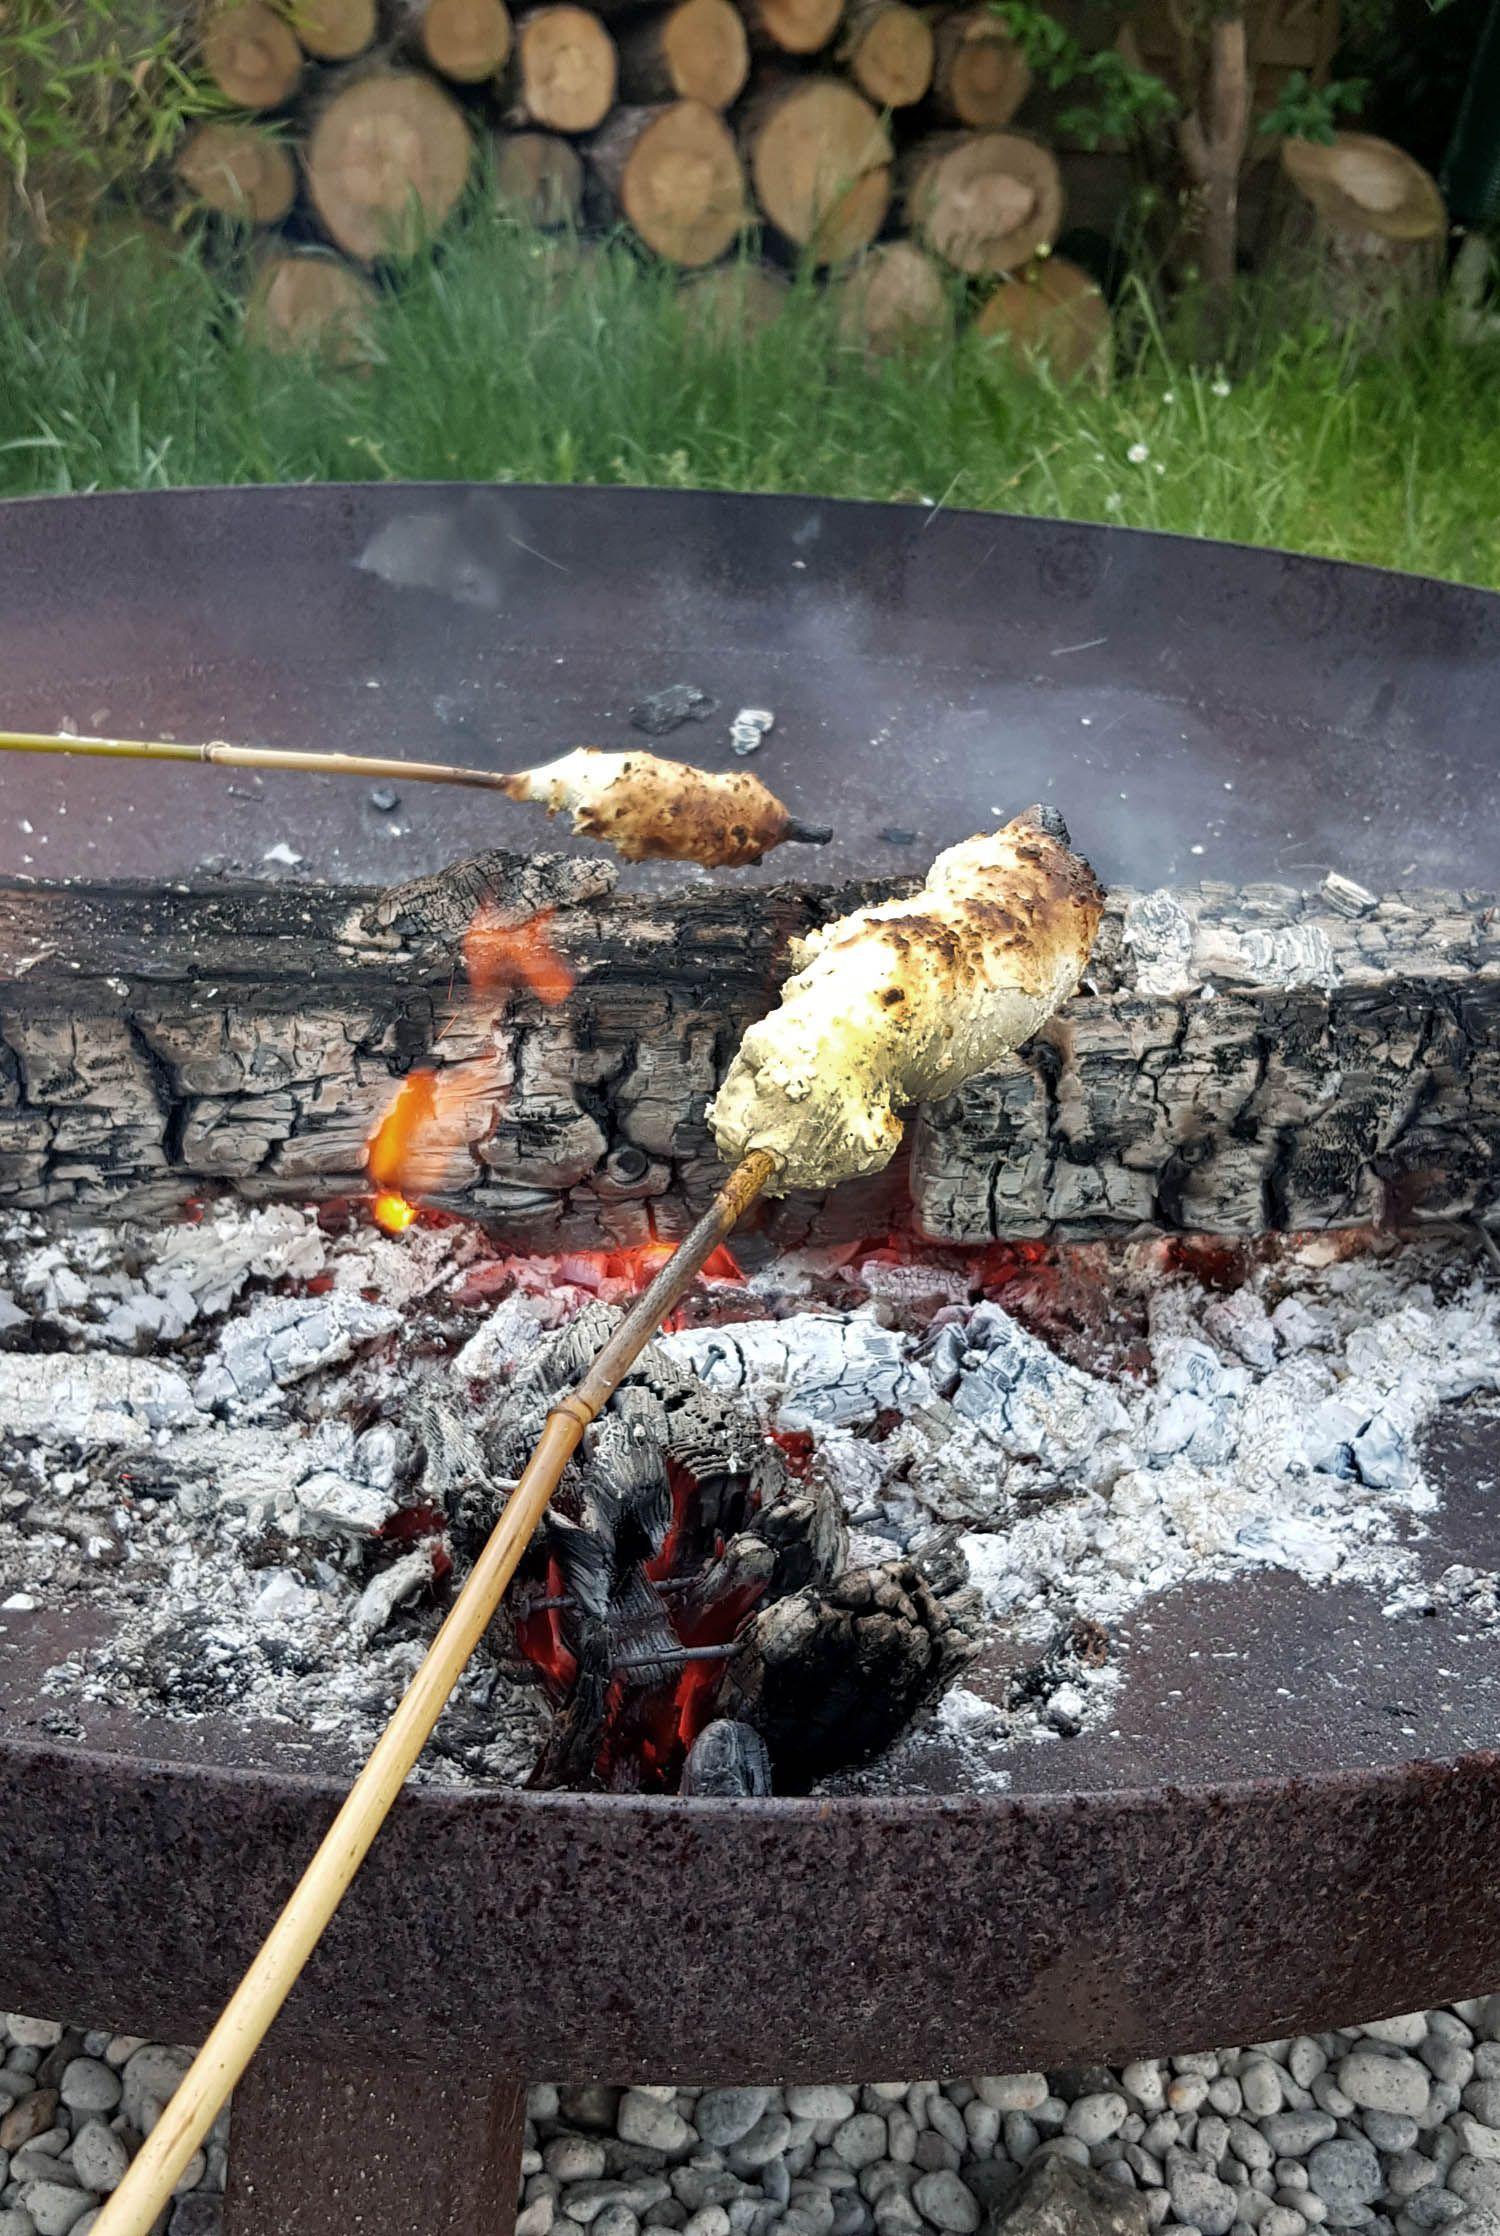 Feuerstelle bauen im Garten mit einfachen Mitteln Stockbrot über der FeuerschaleStockbrot über der Feuerschale